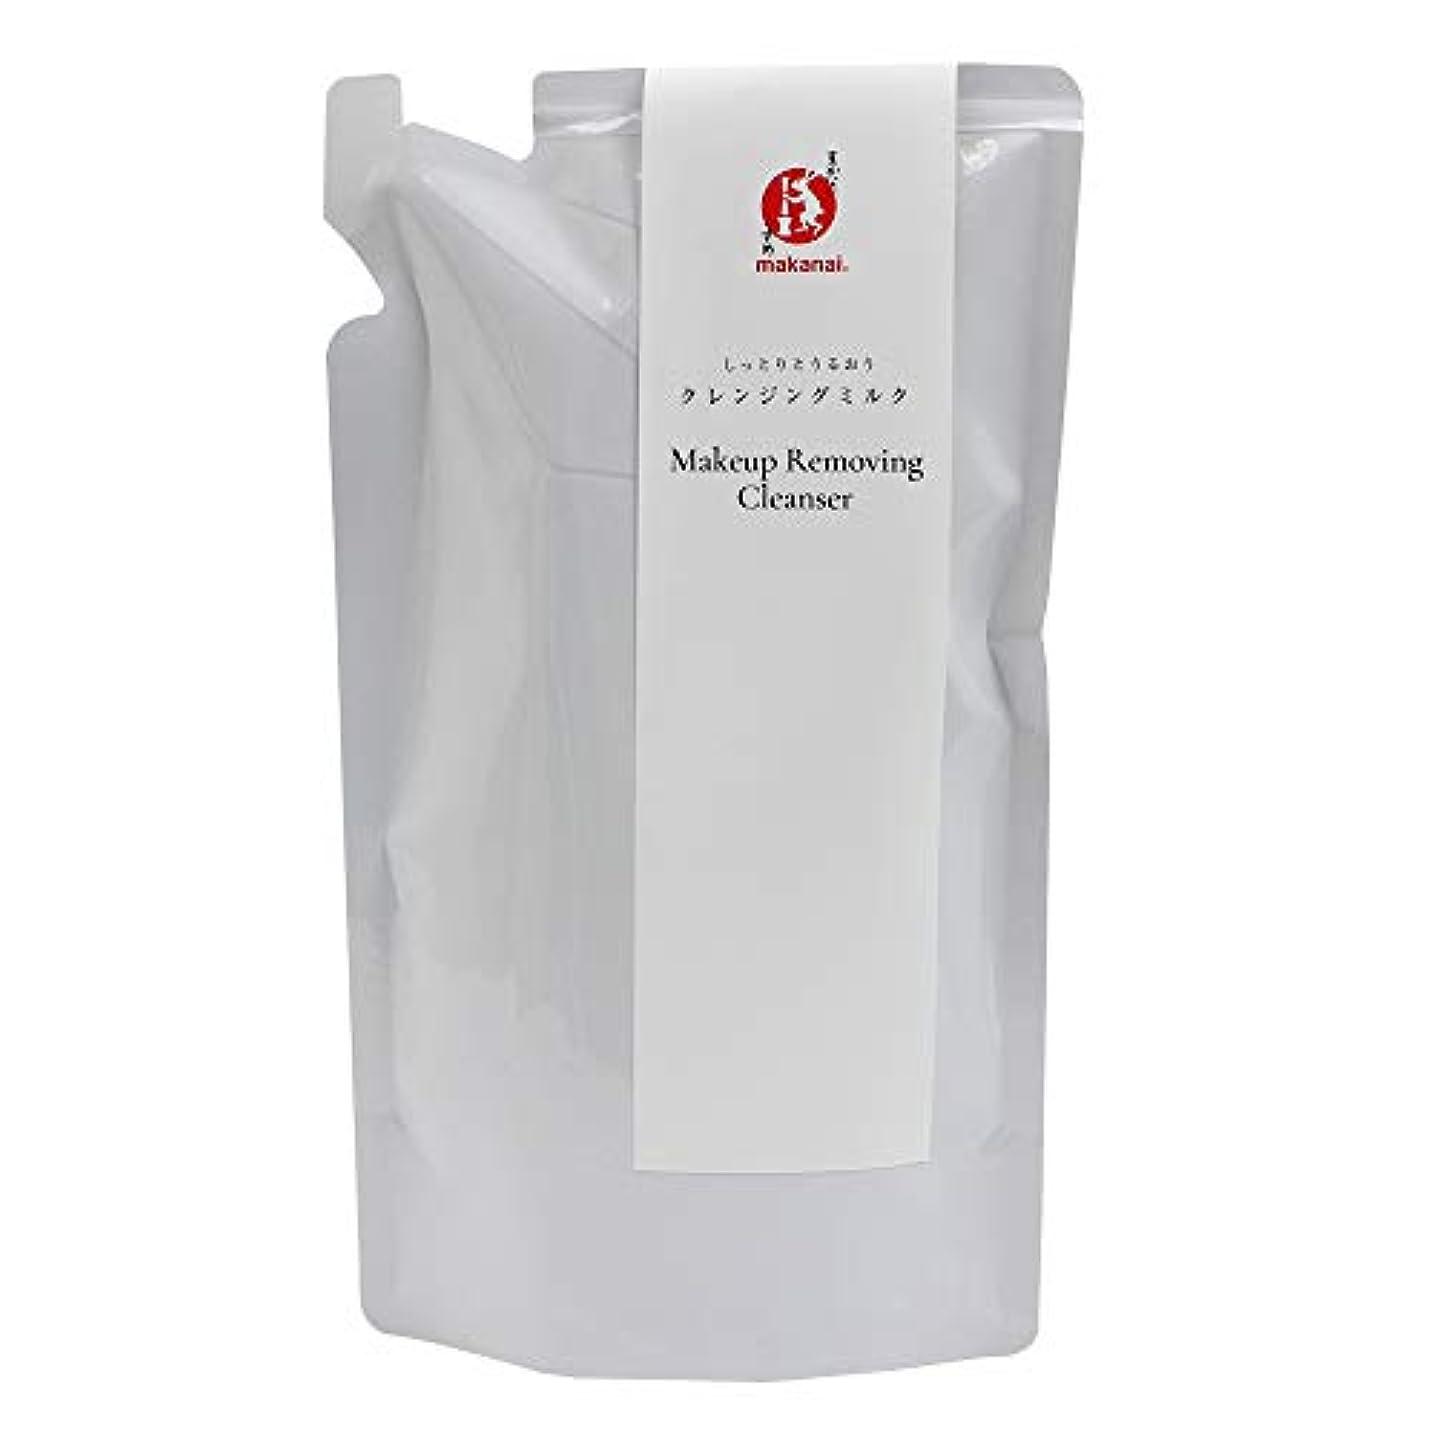 偏心スキームメアリアンジョーンズまかないこすめ しっとりとうるおうクレンジングミルク(詰め替え用) 140ml